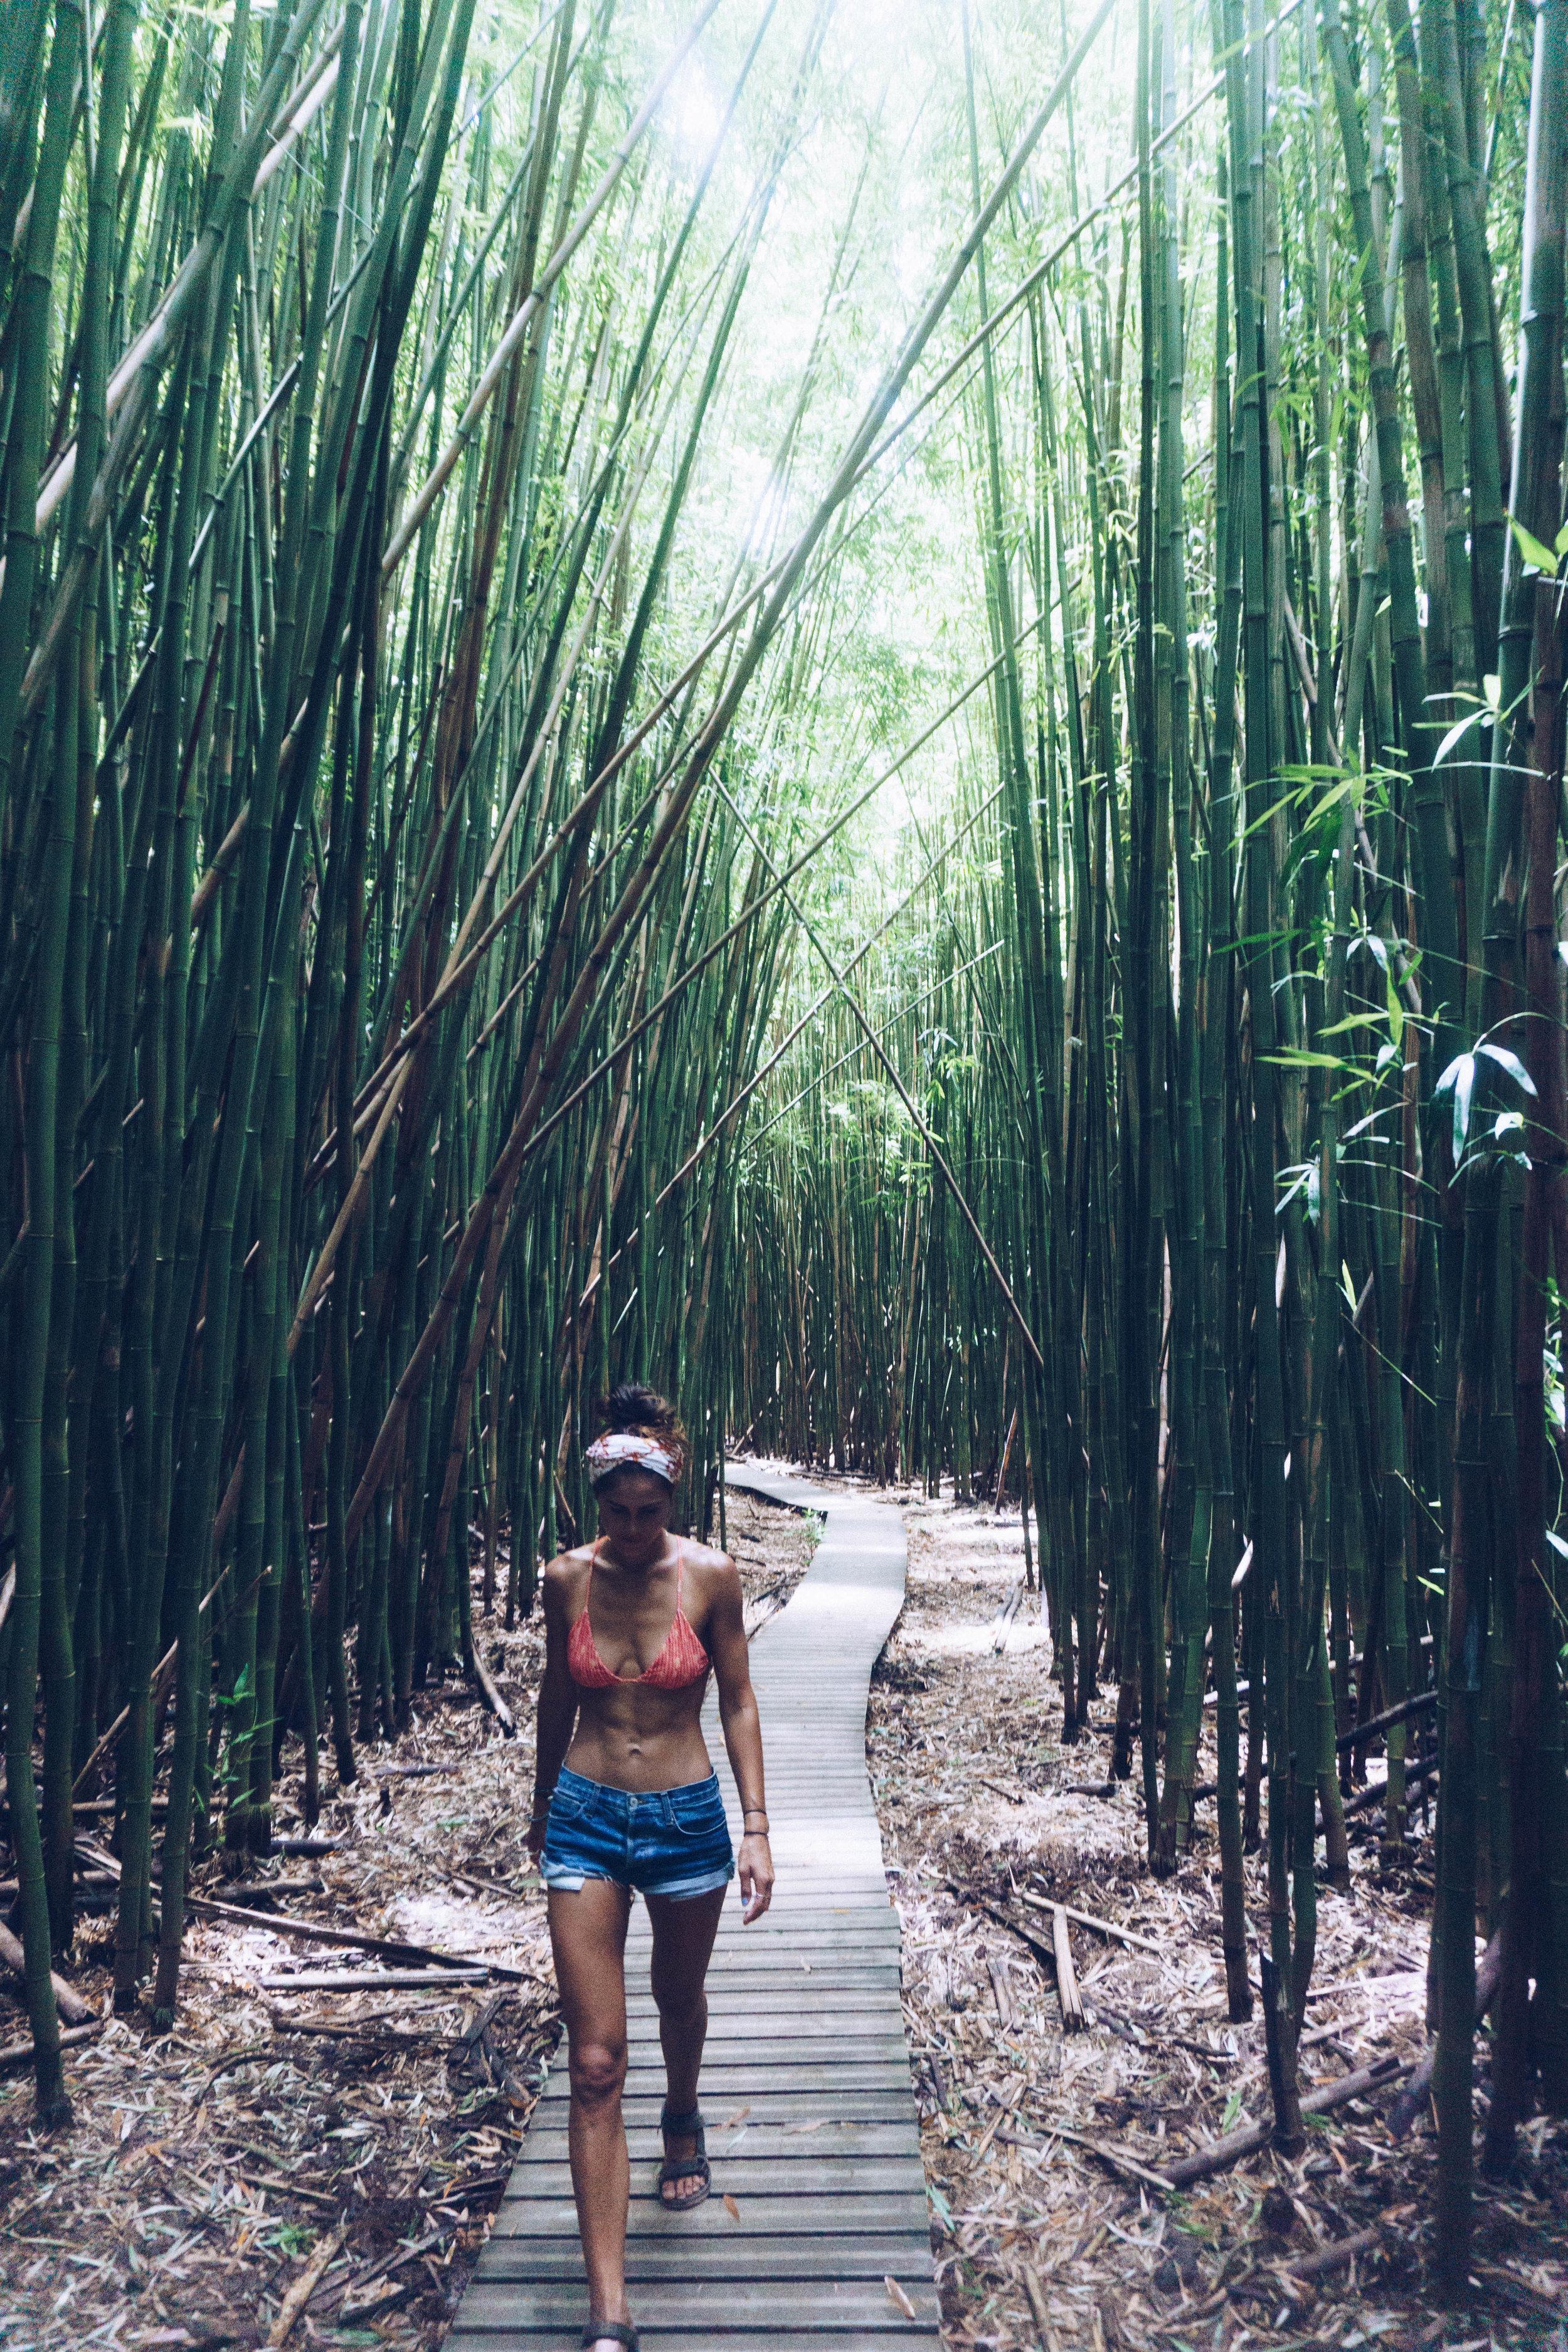 The  PIPIWAI TRAIL  through the bamboo bushes to  WAIMOKU FALLS.